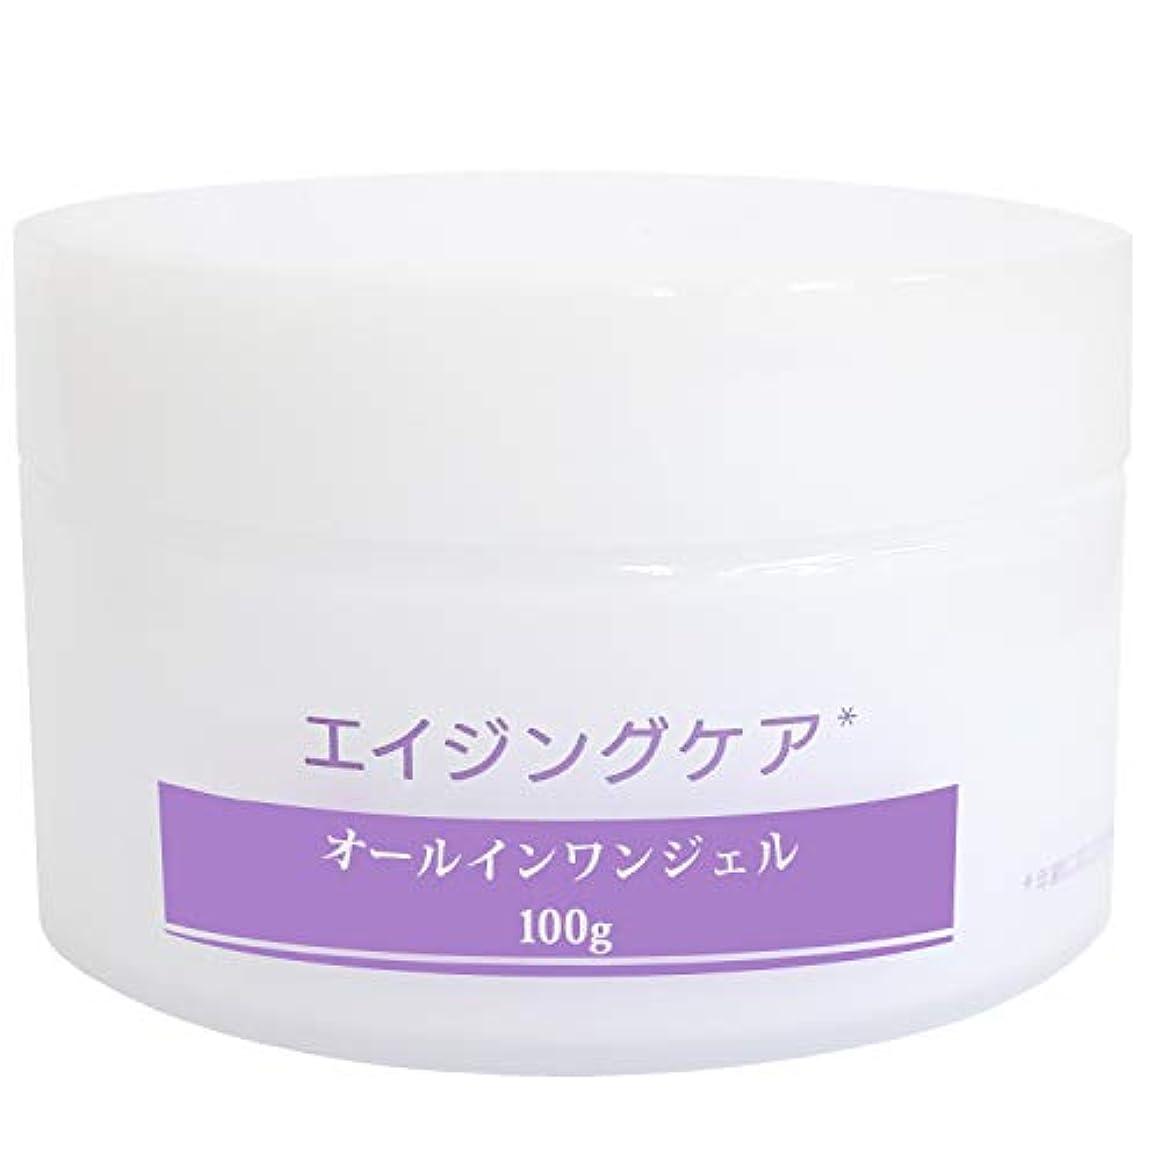 オールインワンジェル メンズ 化粧水 美容液 保湿クリーム オールインワン エイジングケア スキンケア リンクルケア 男性 乾燥小じわを目立たなくする 大容量 100g